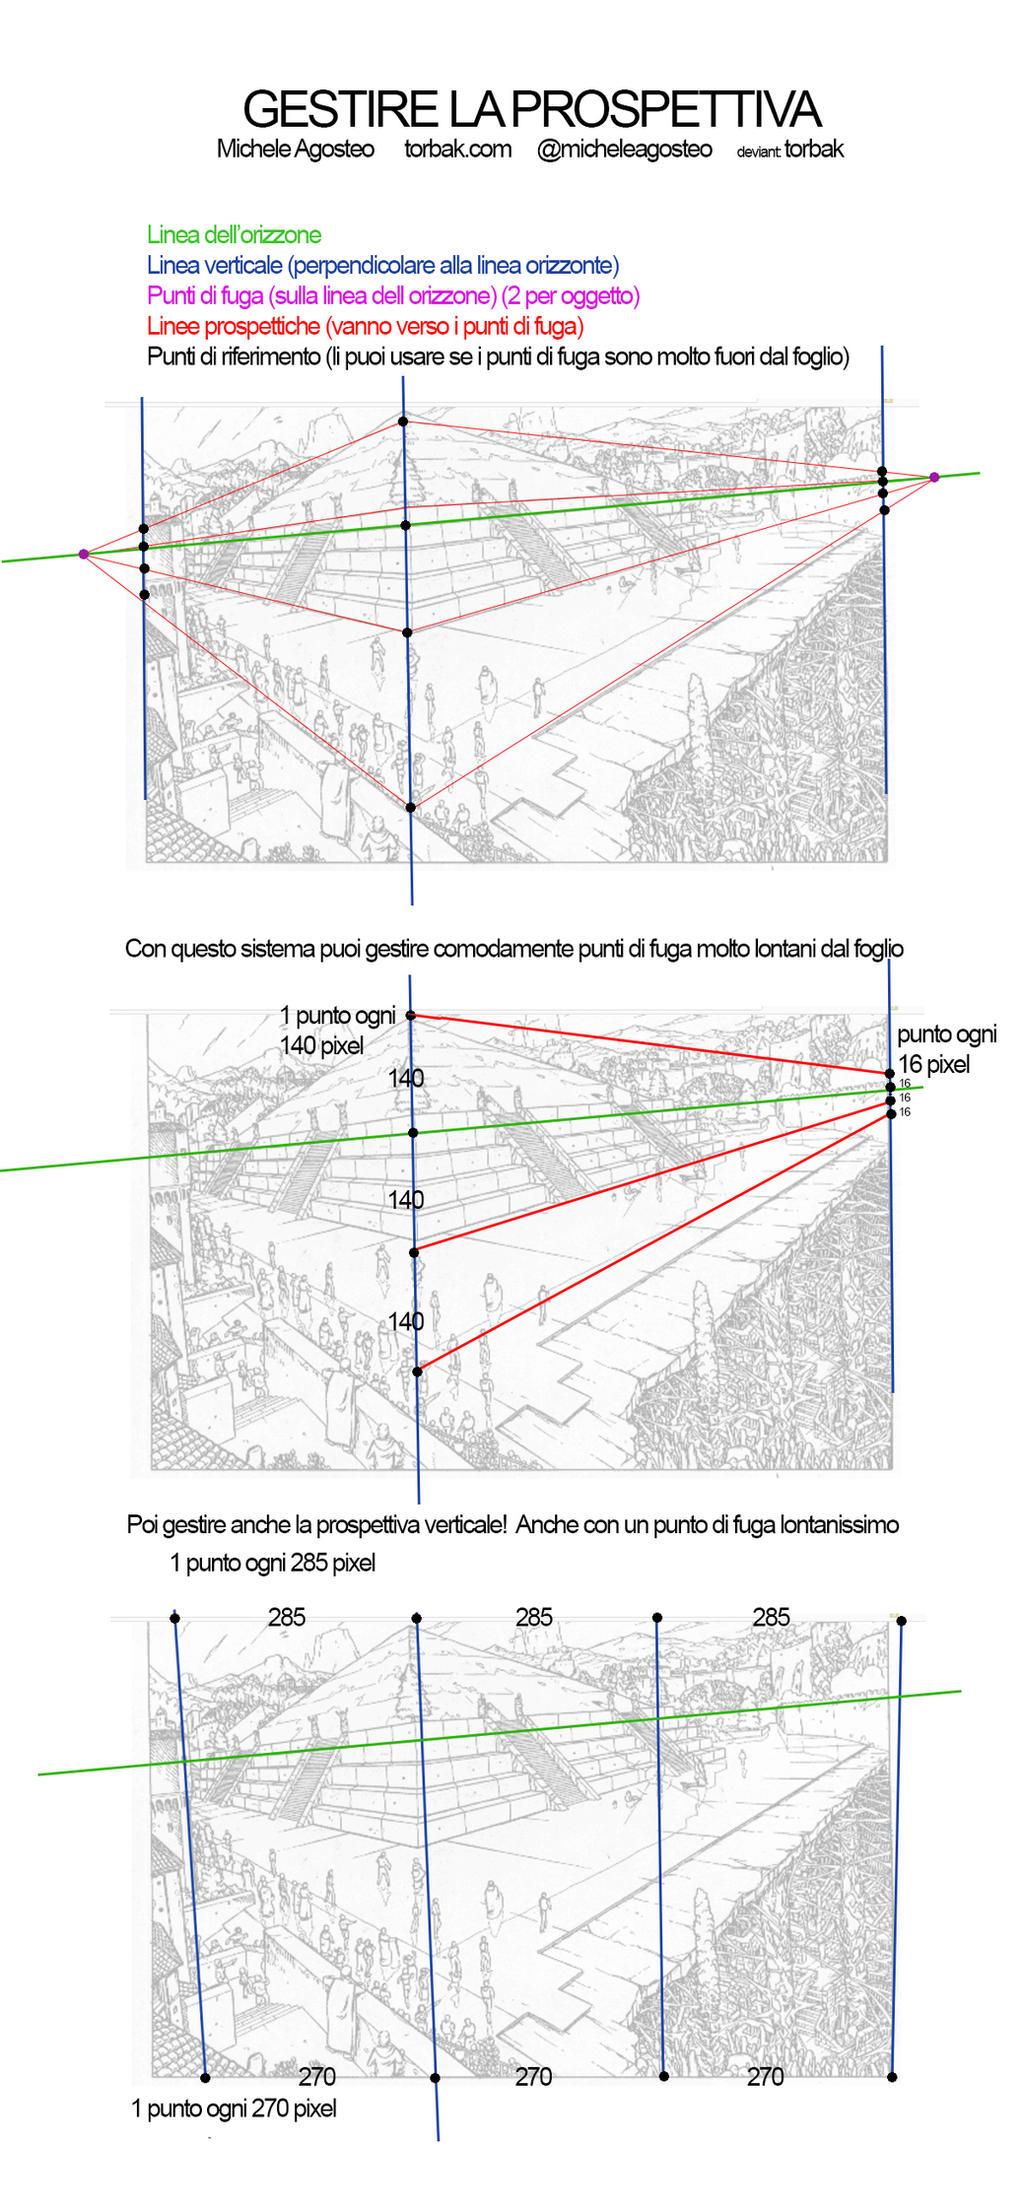 Tutorial sulla Prospettiva (Italiano) by Torbak